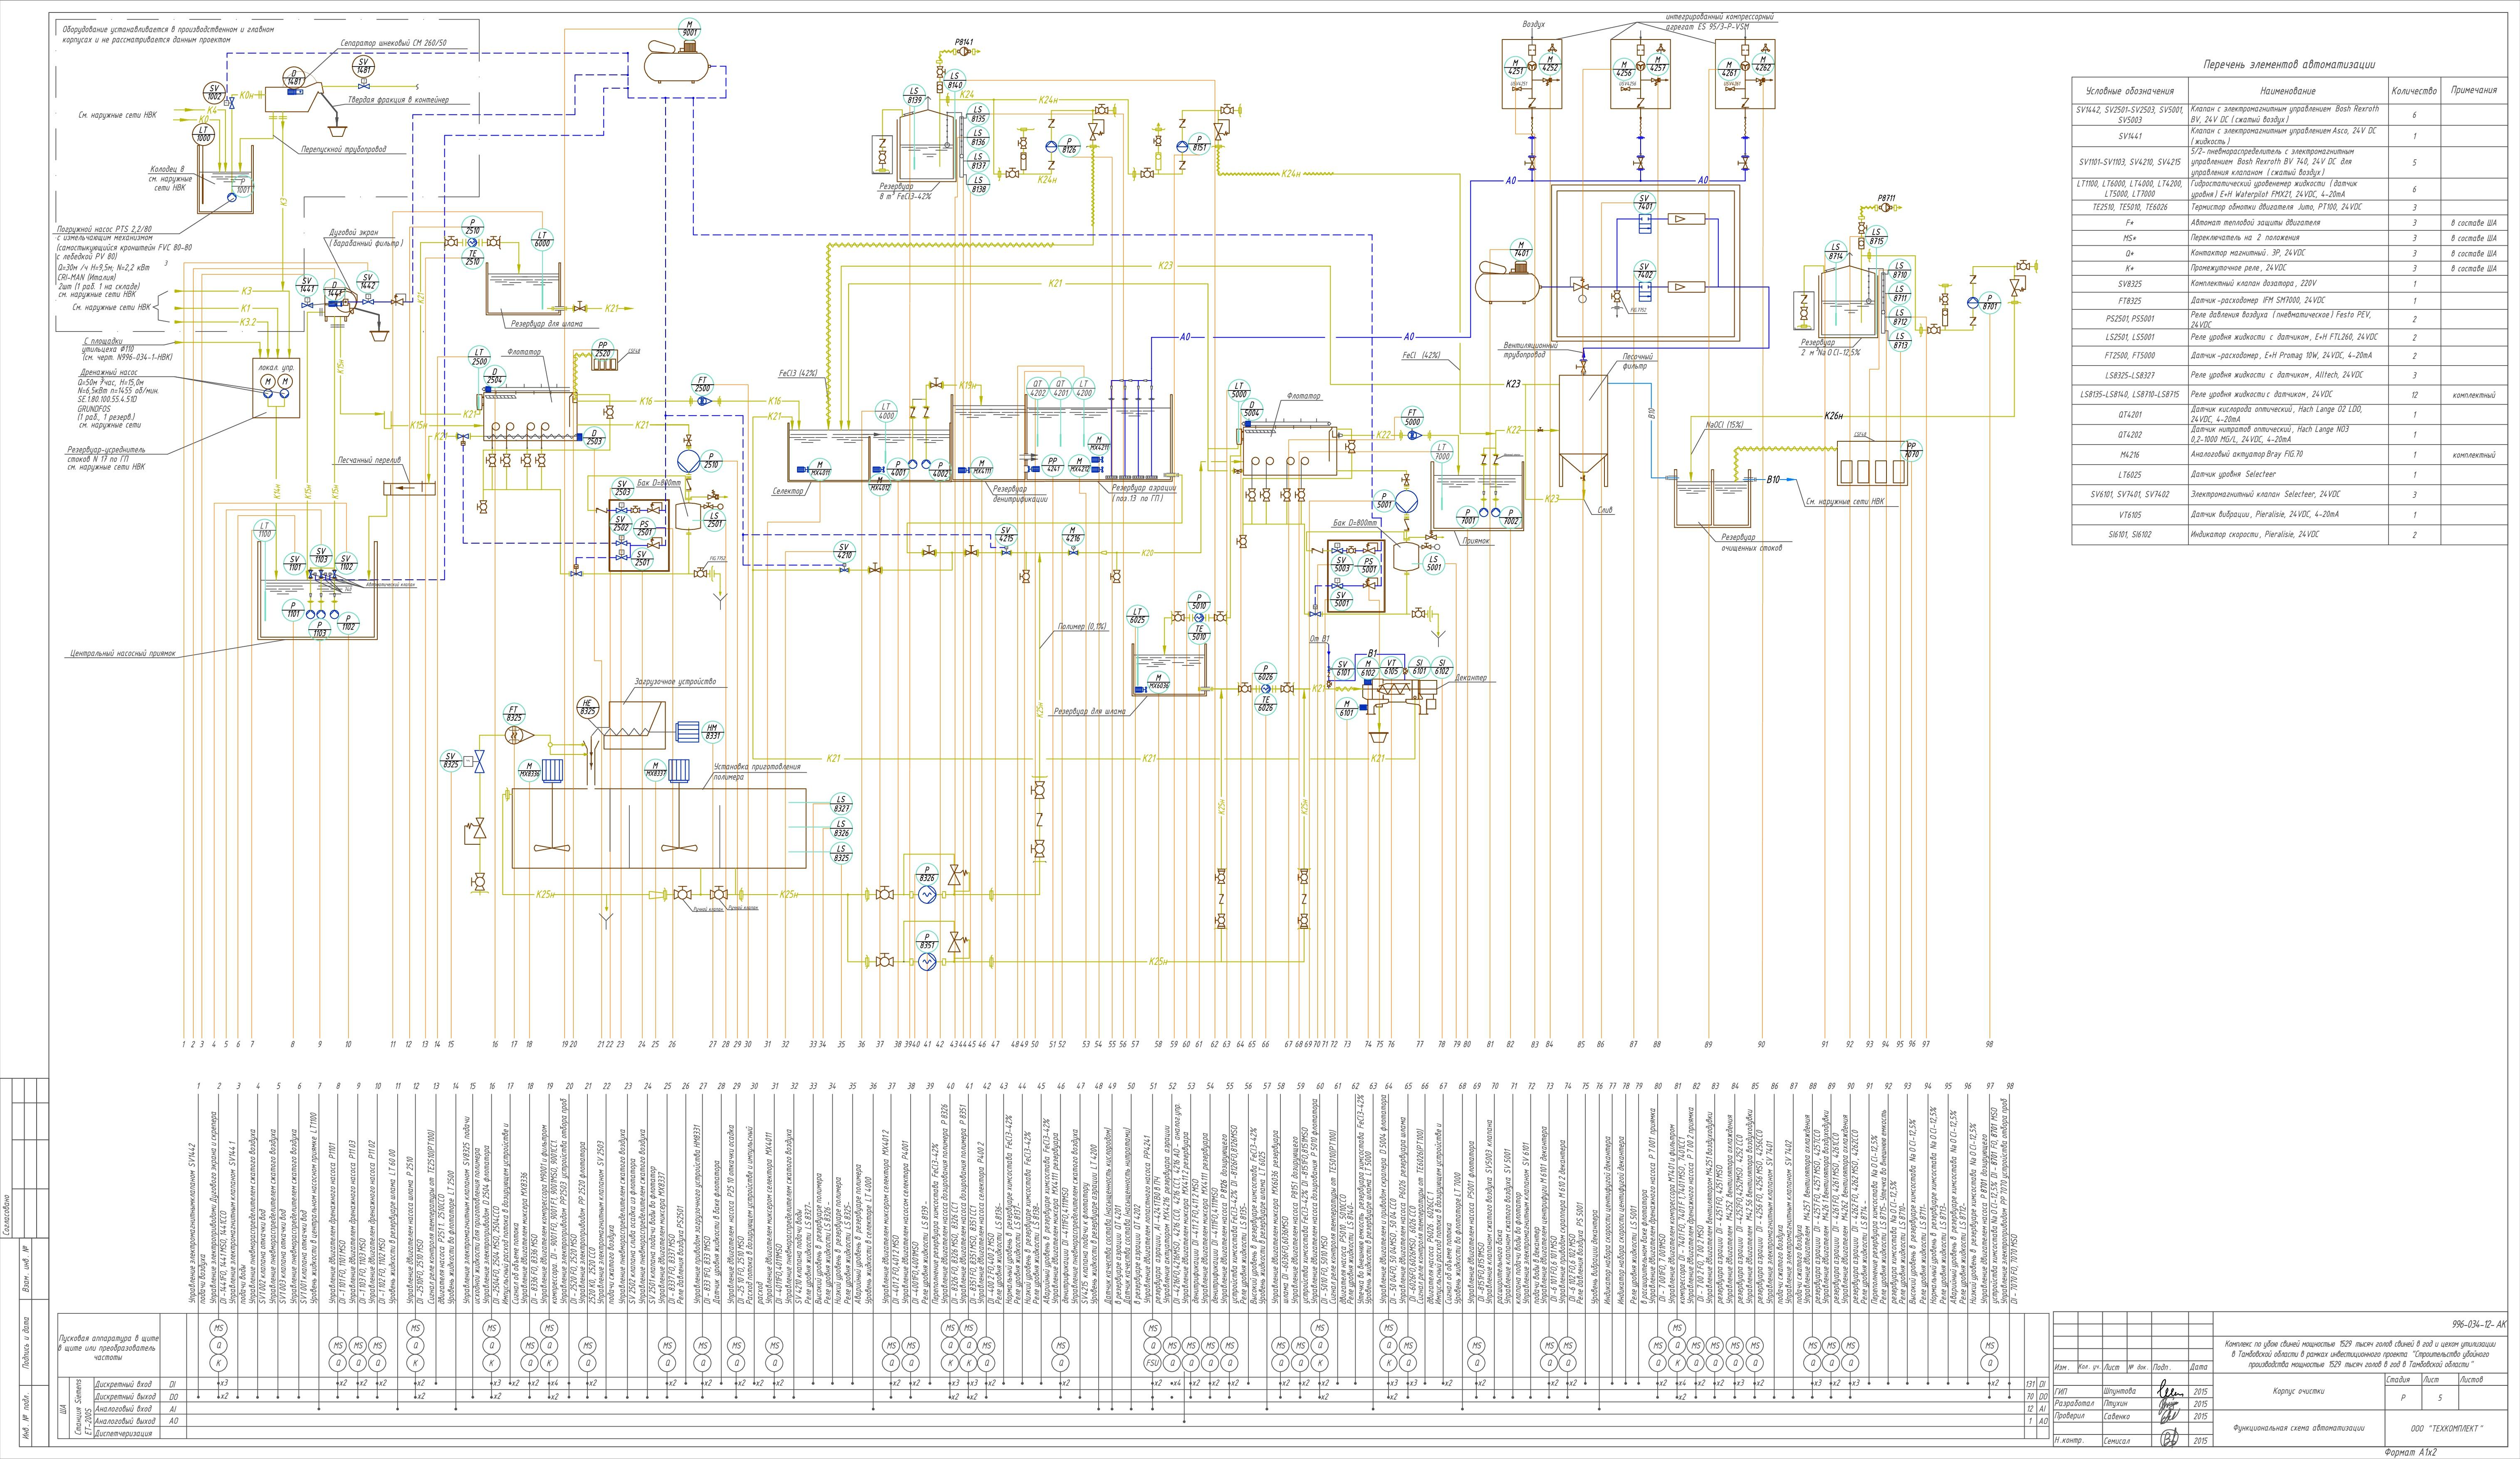 Фото Проектирую инженерные системы и сети с сопровождением в экспертизе и при строительстве 5